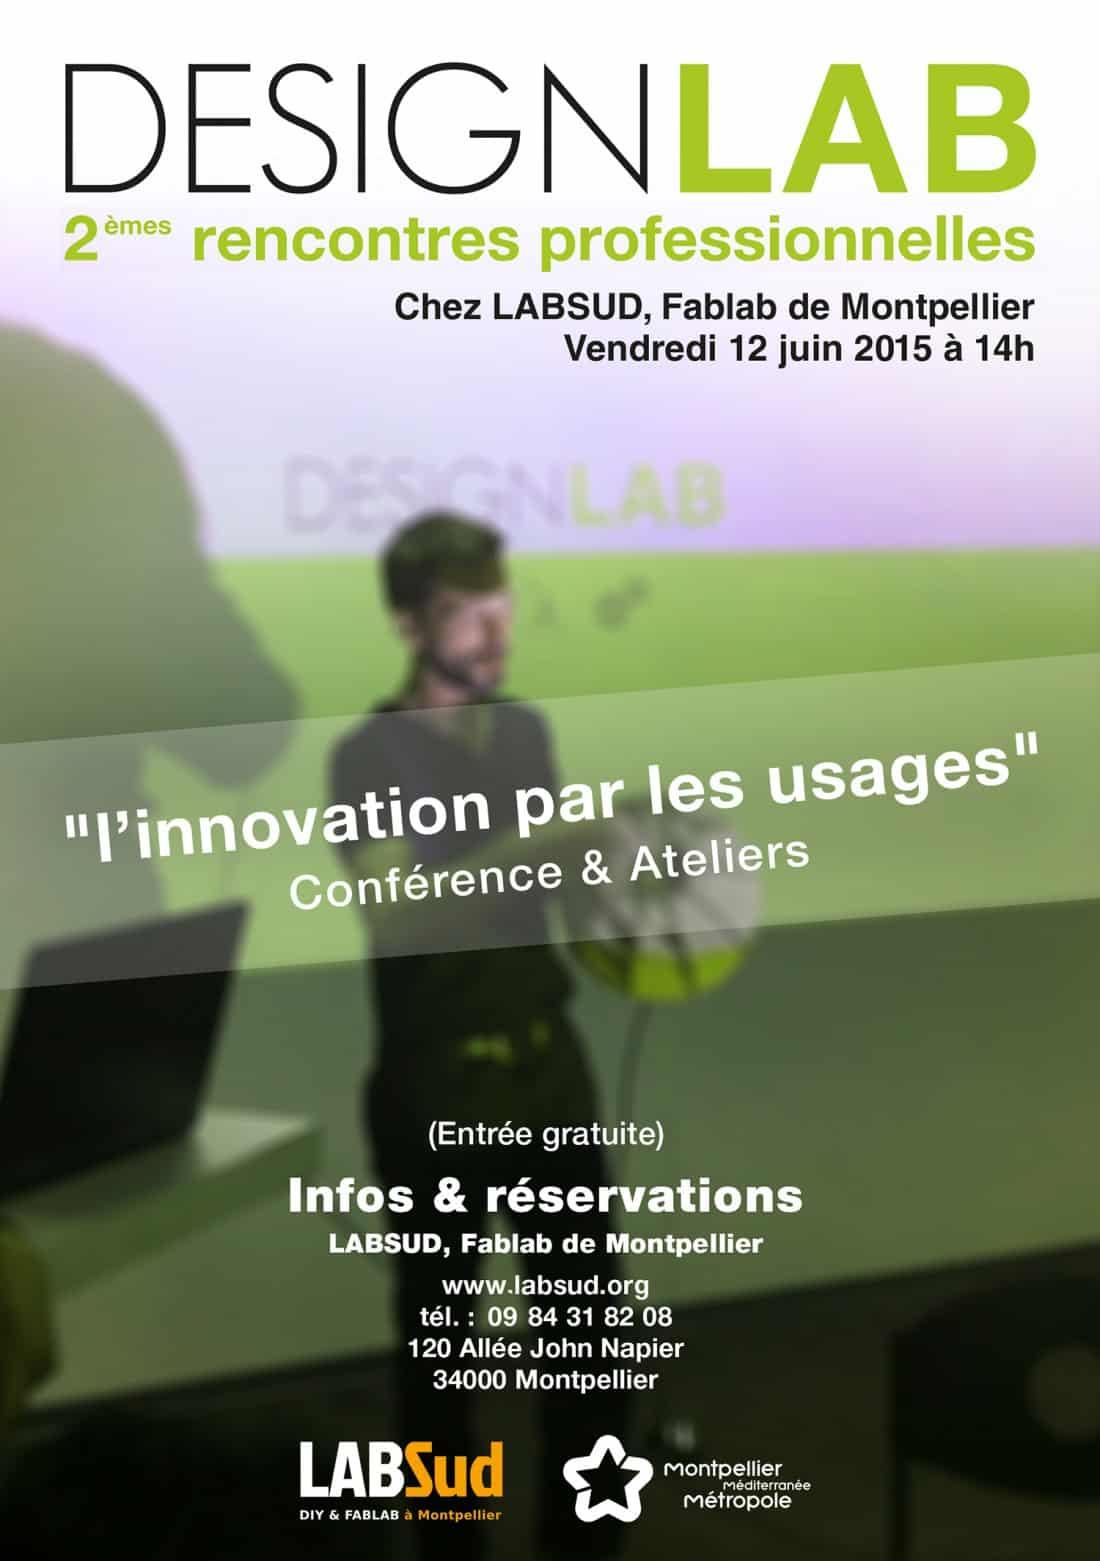 Innovation par les usages - rencontre pro - design